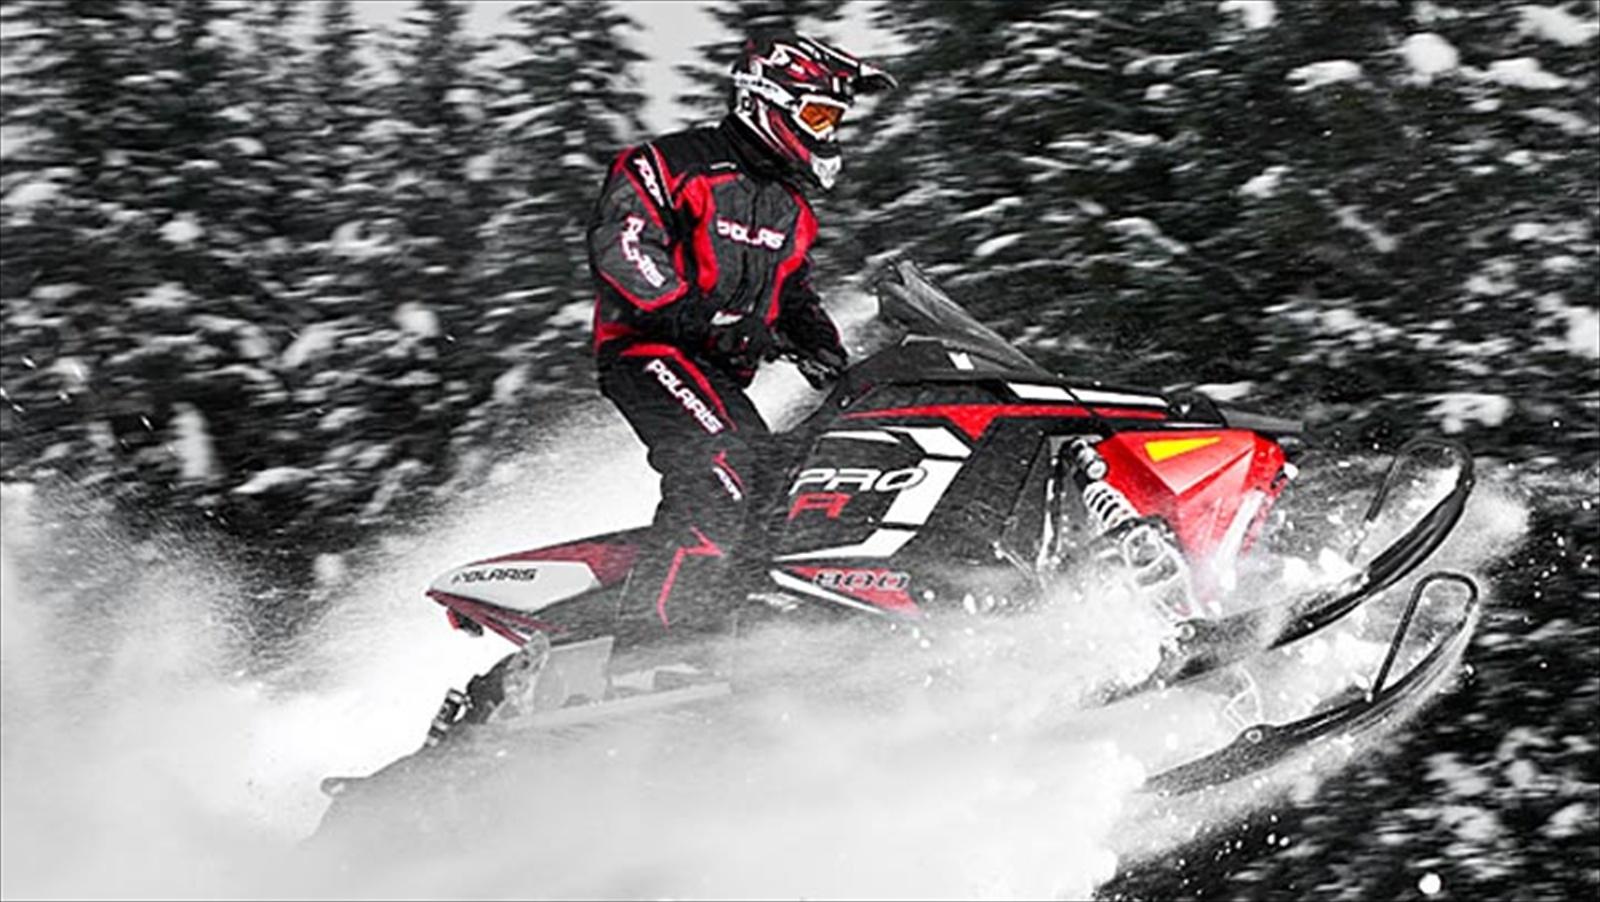 Polaris-Snowmobile-for-polaris-polaris-rush-polaris-switchback-polaris-wallpaper-wp5808894